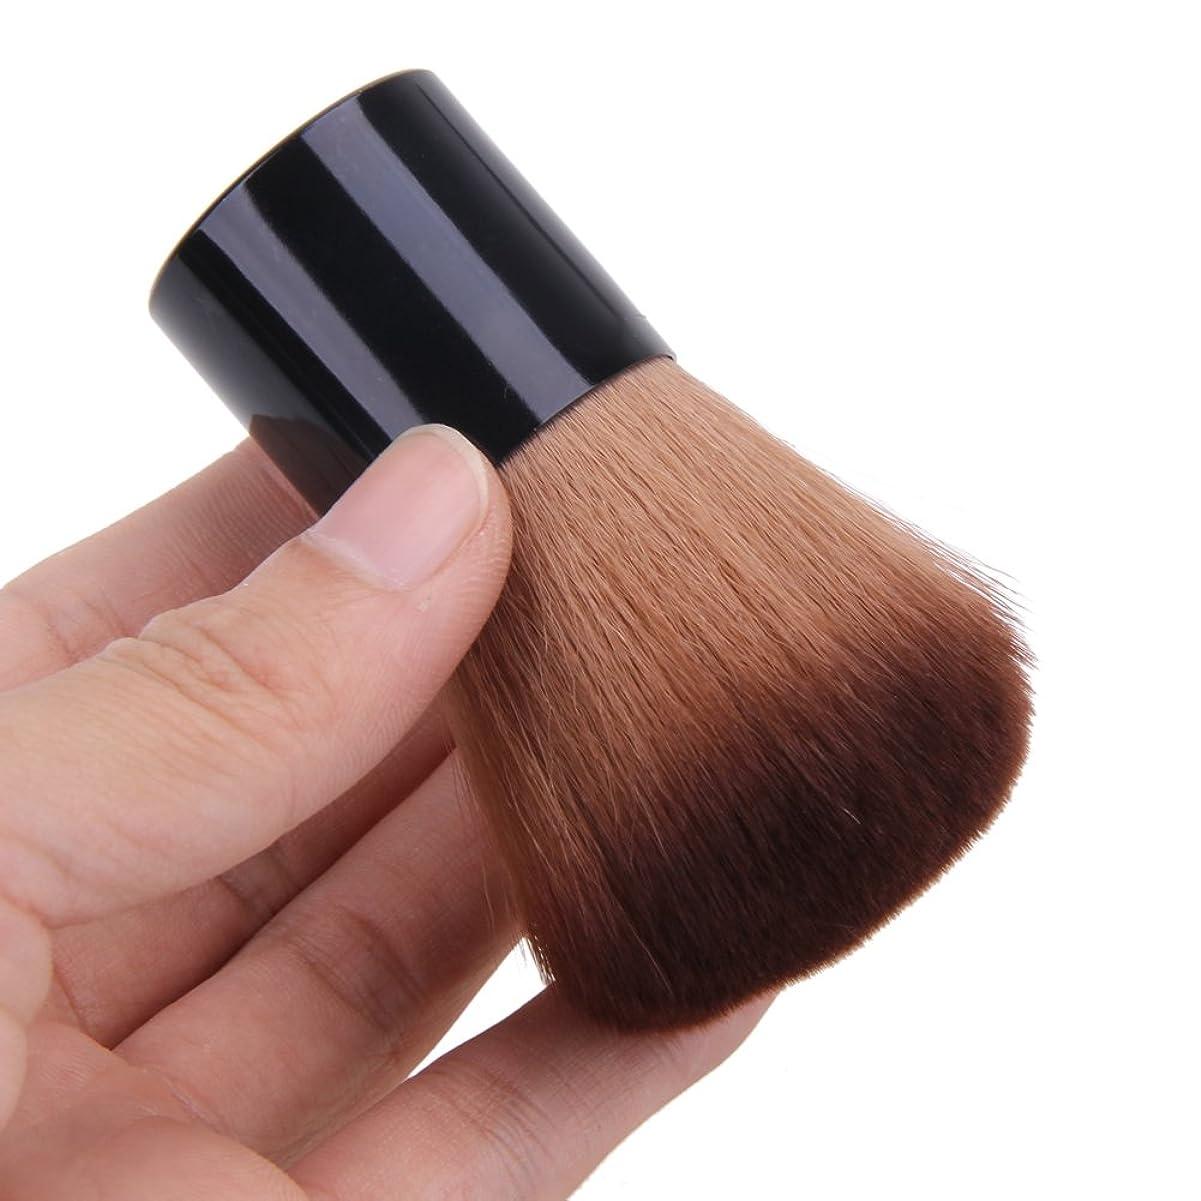 オーバードロー東方アレルギーYumbyss - フェイス化粧品カラフルなメイクブラシのためにブラッシュブラシ1PCSフェイスメイクブラシパウダーブラッシュ輪郭財団フラットトップブラシ